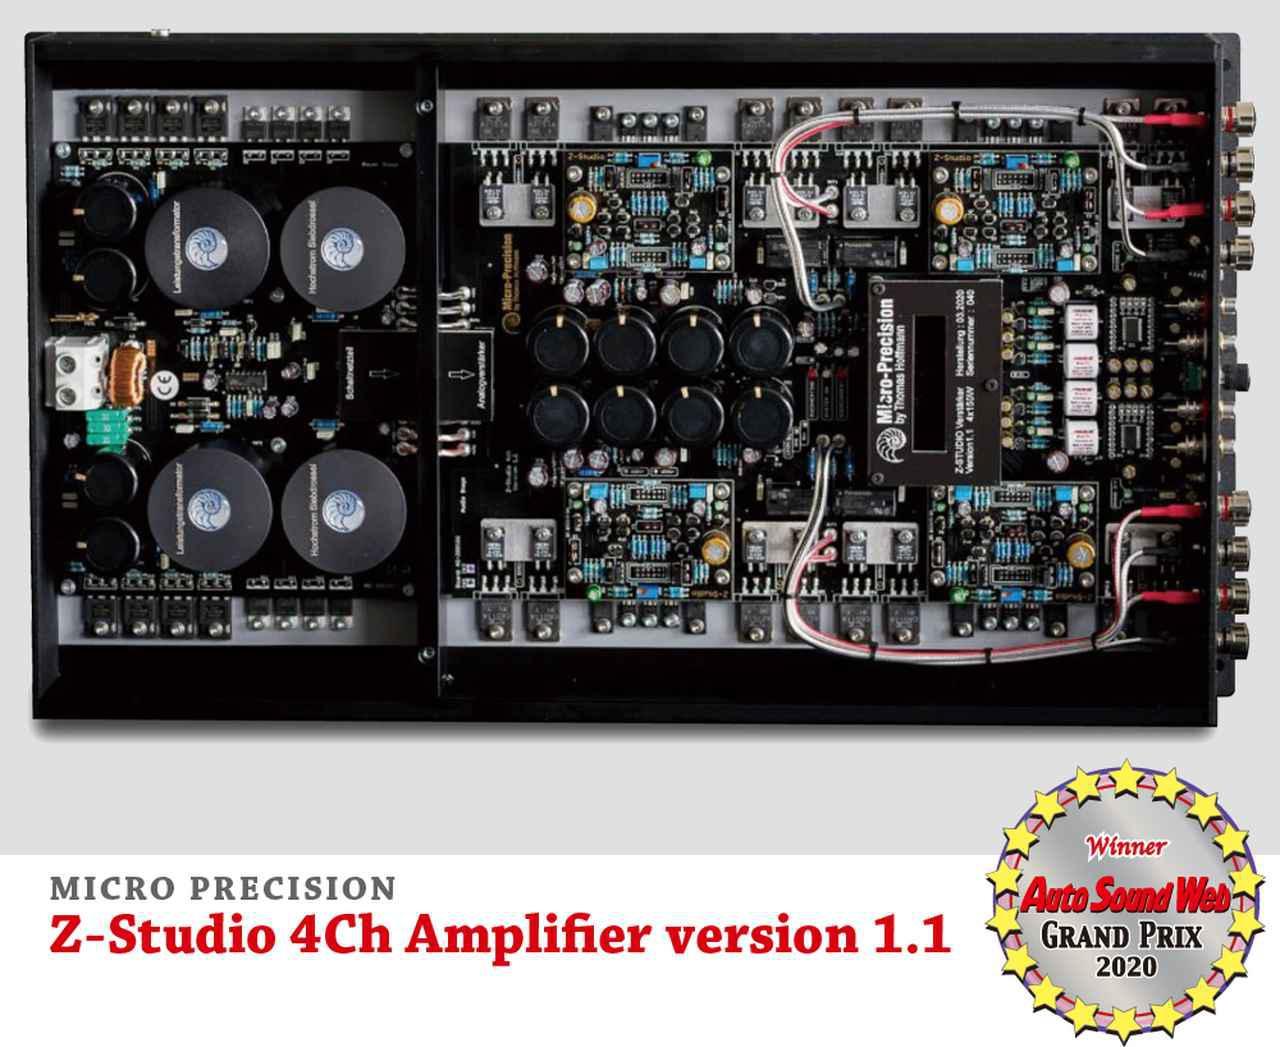 画像: Auto Sound Web Grand Prix 2020:マイクロプレシジョンZ-Studio 4Ch Amplifier version 1.1がグランプリを獲得した理由 - Stereo Sound ONLINE